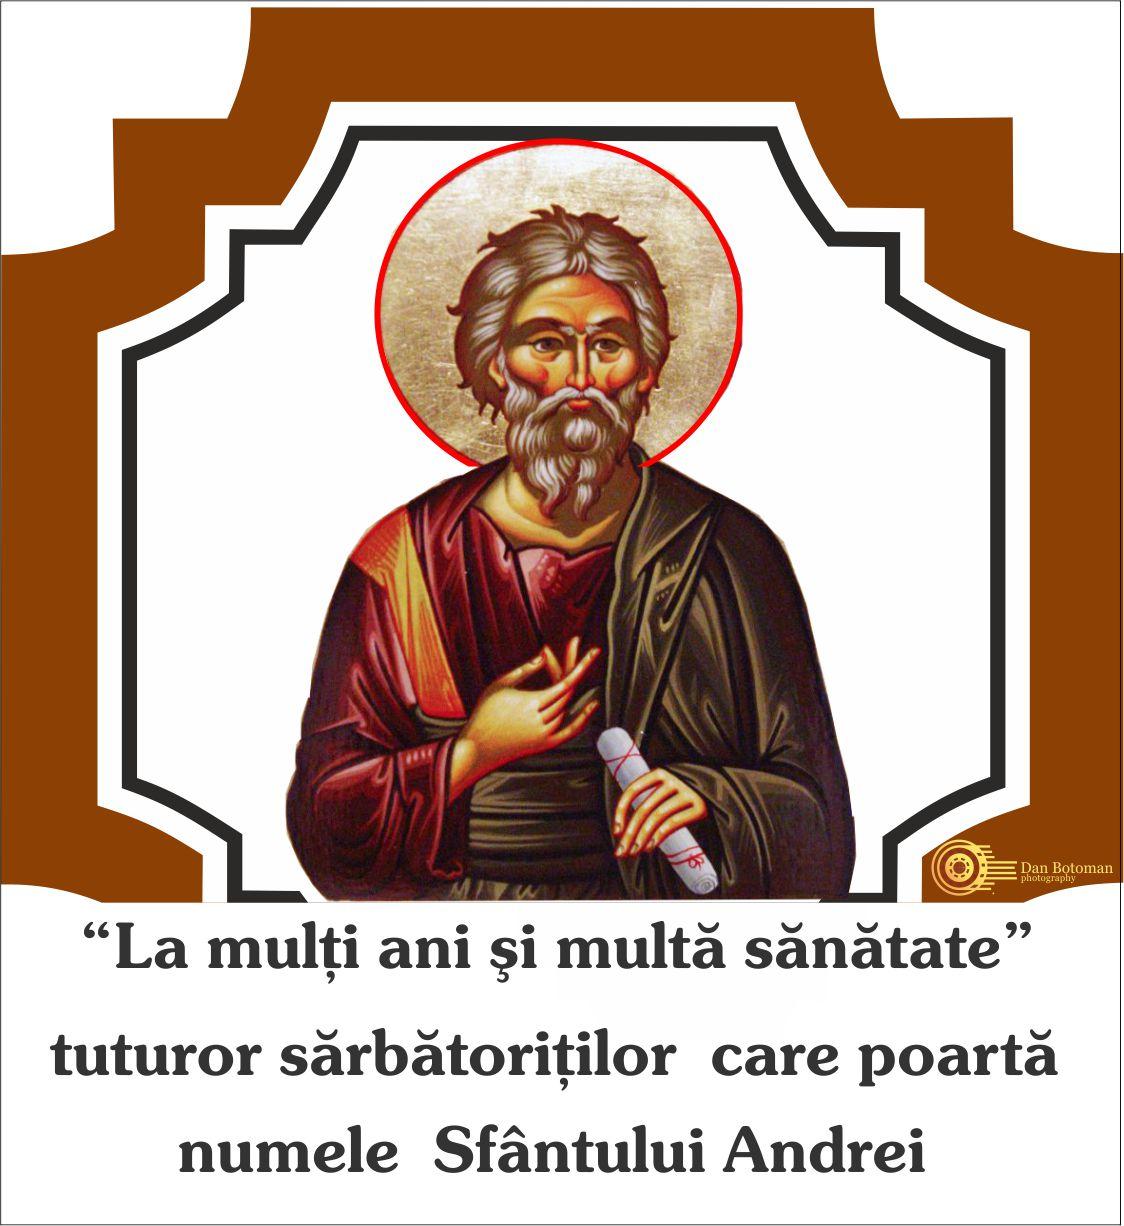 La-multi-ani-de-Sfantul-Andrei.-Felicitari-si-mesaje-poze-imagini-2019-5